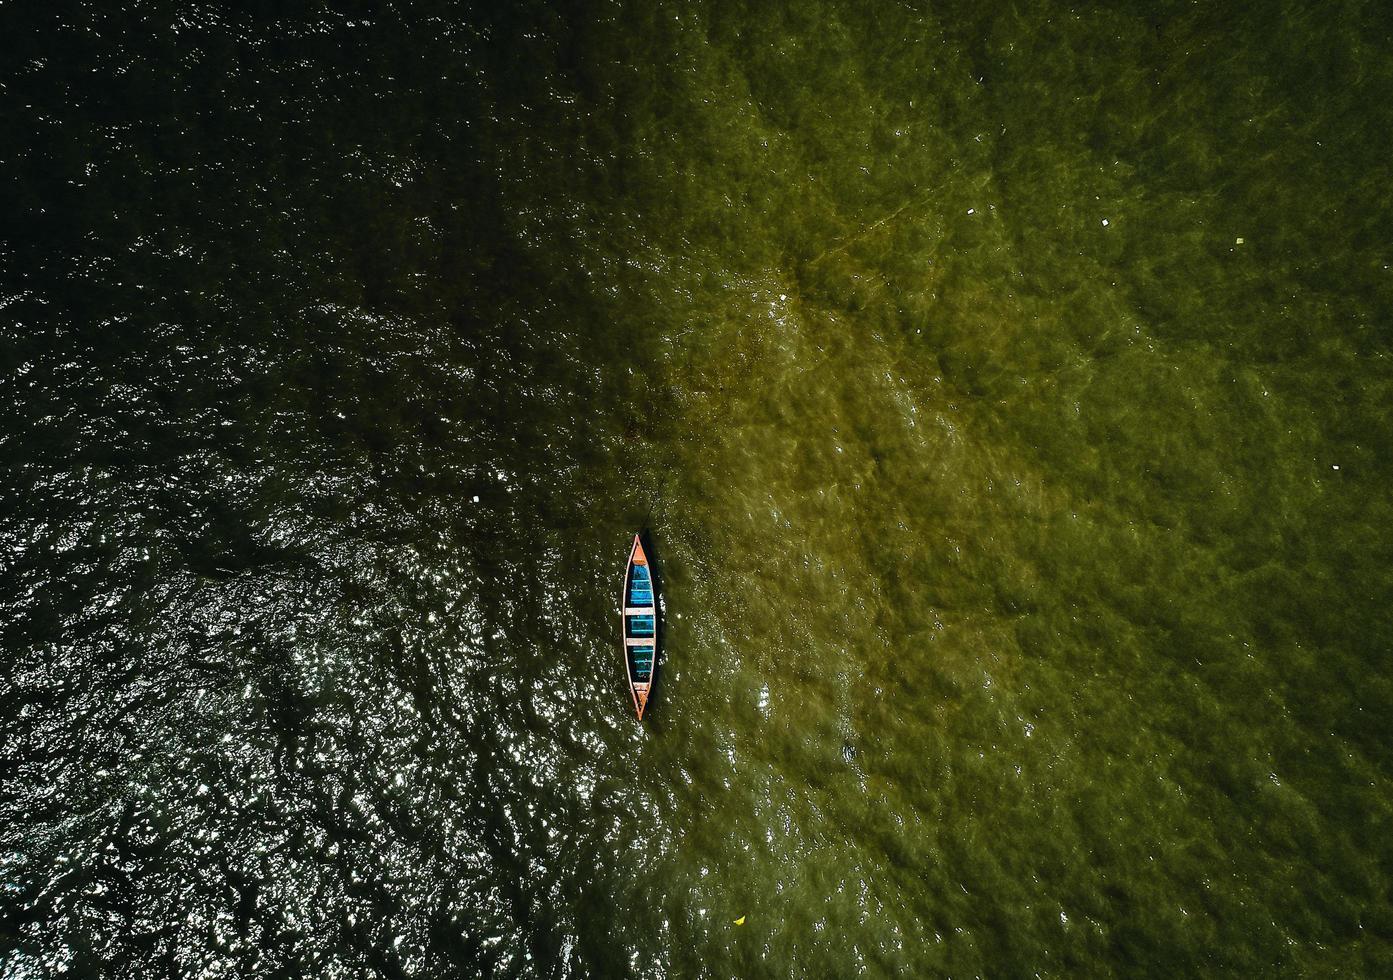 vue aérienne du bateau sur l'eau photo